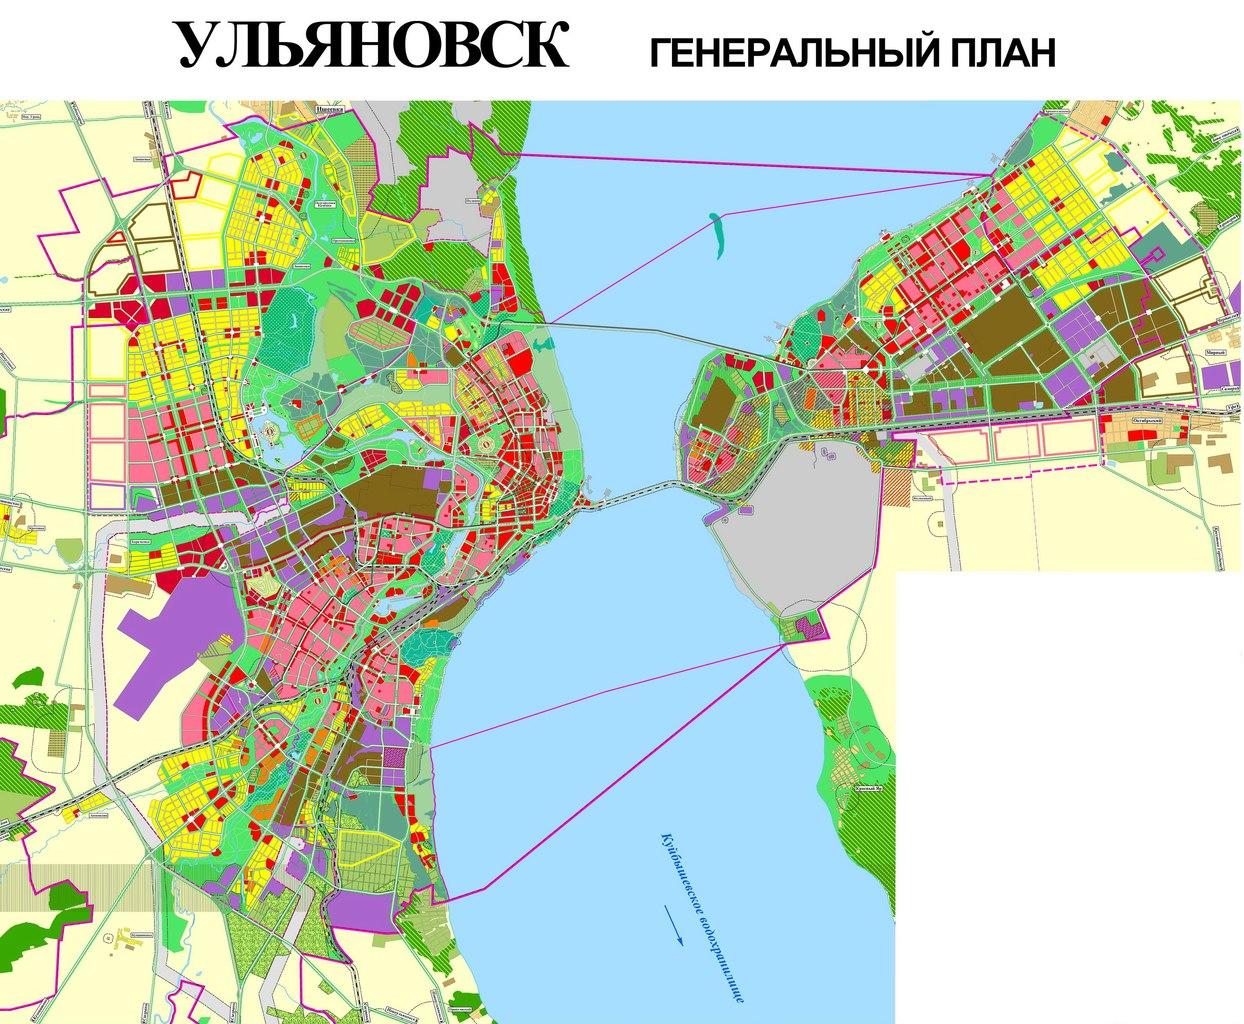 Генеральный План Ульяновска